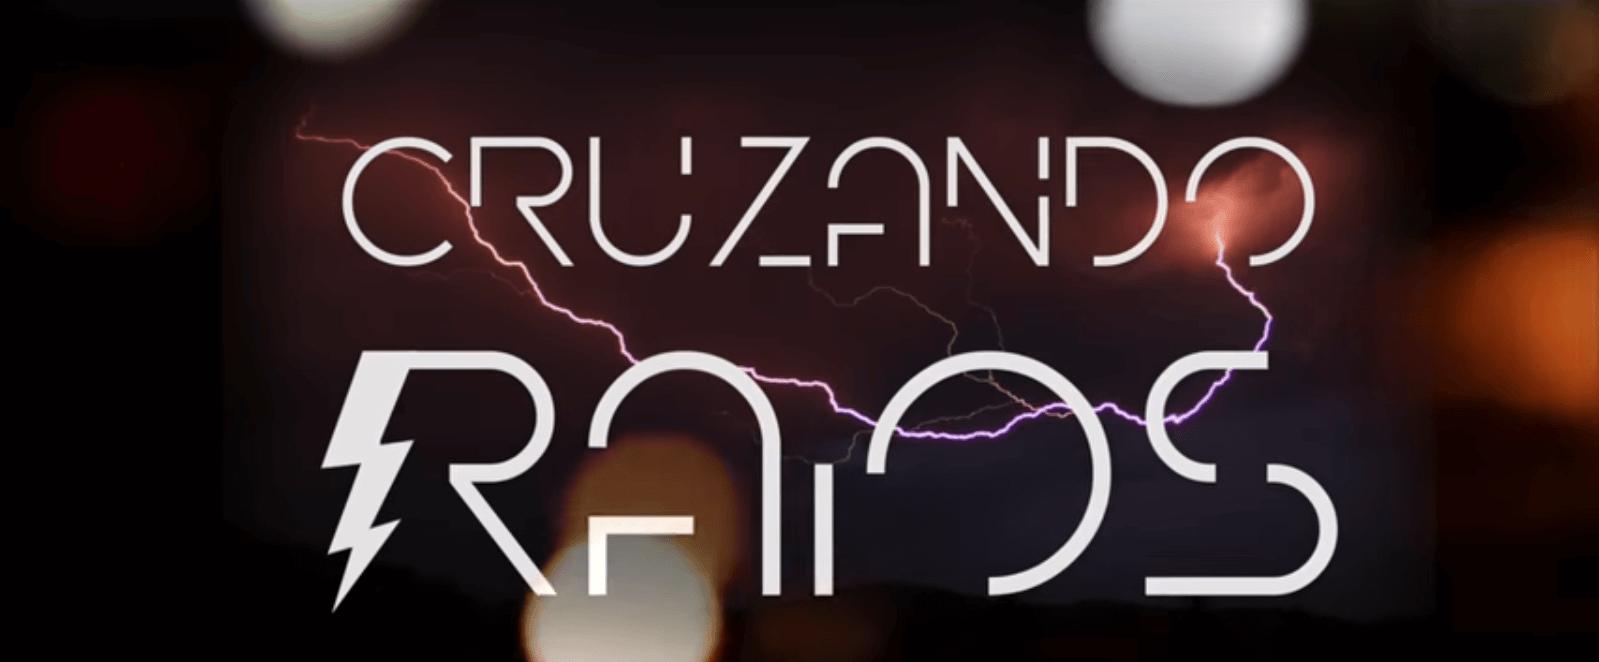 Orlando Morais - Cruzando Raios